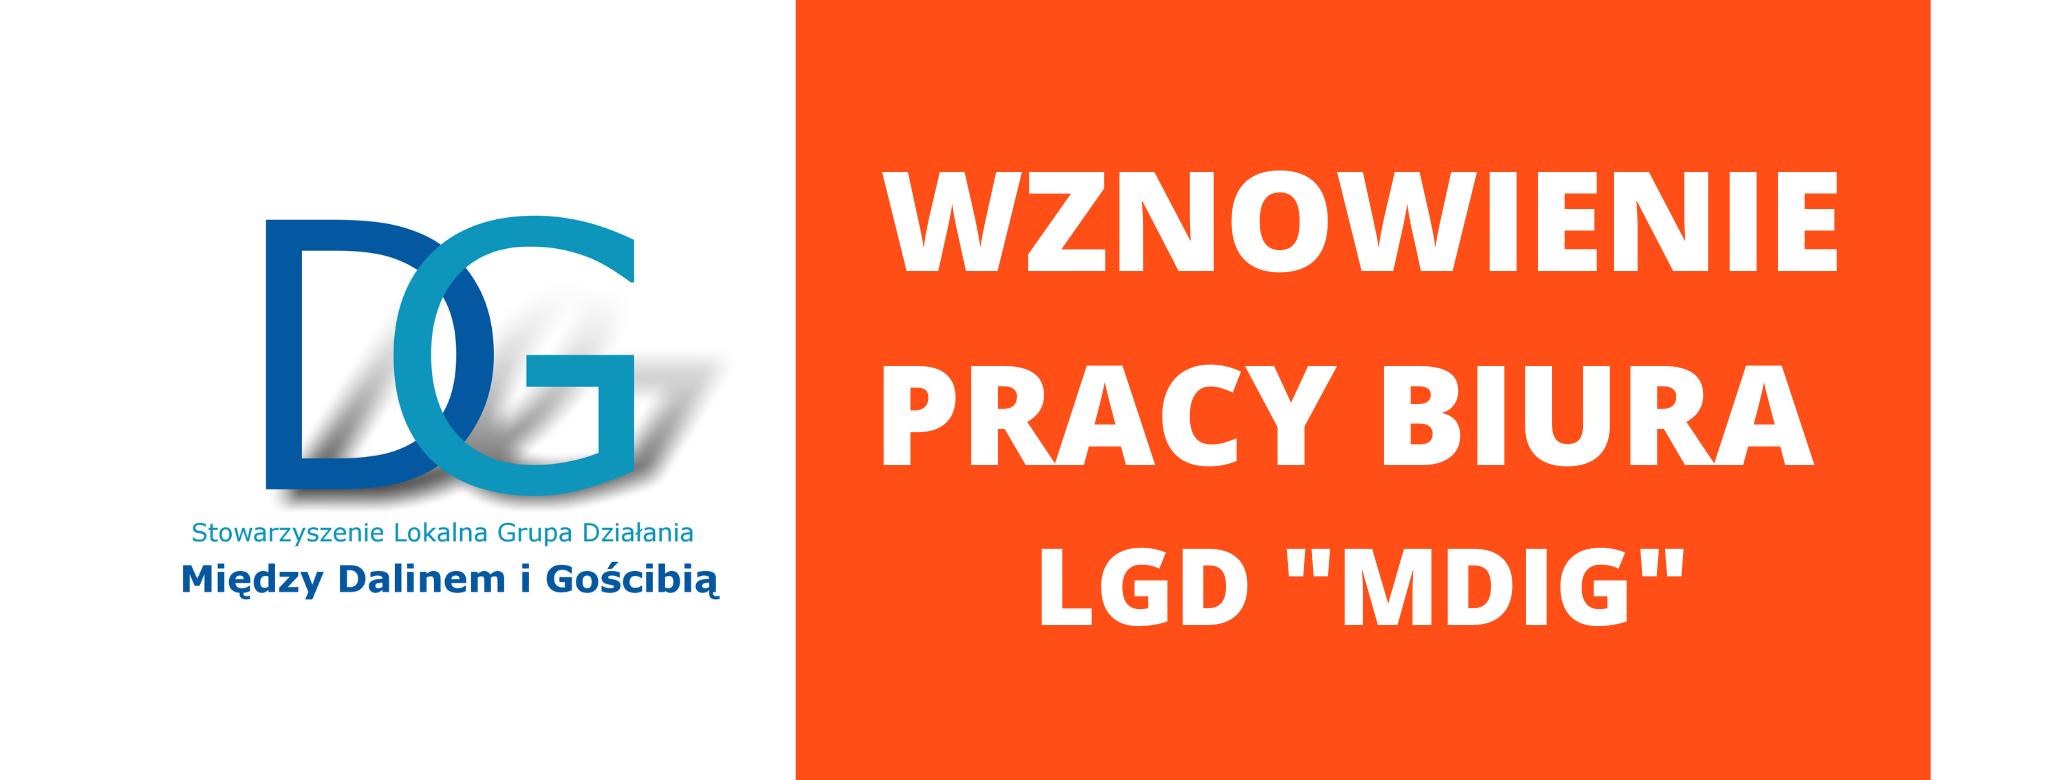 """Wznowienie pracy Biura LGD """"MDiG"""""""